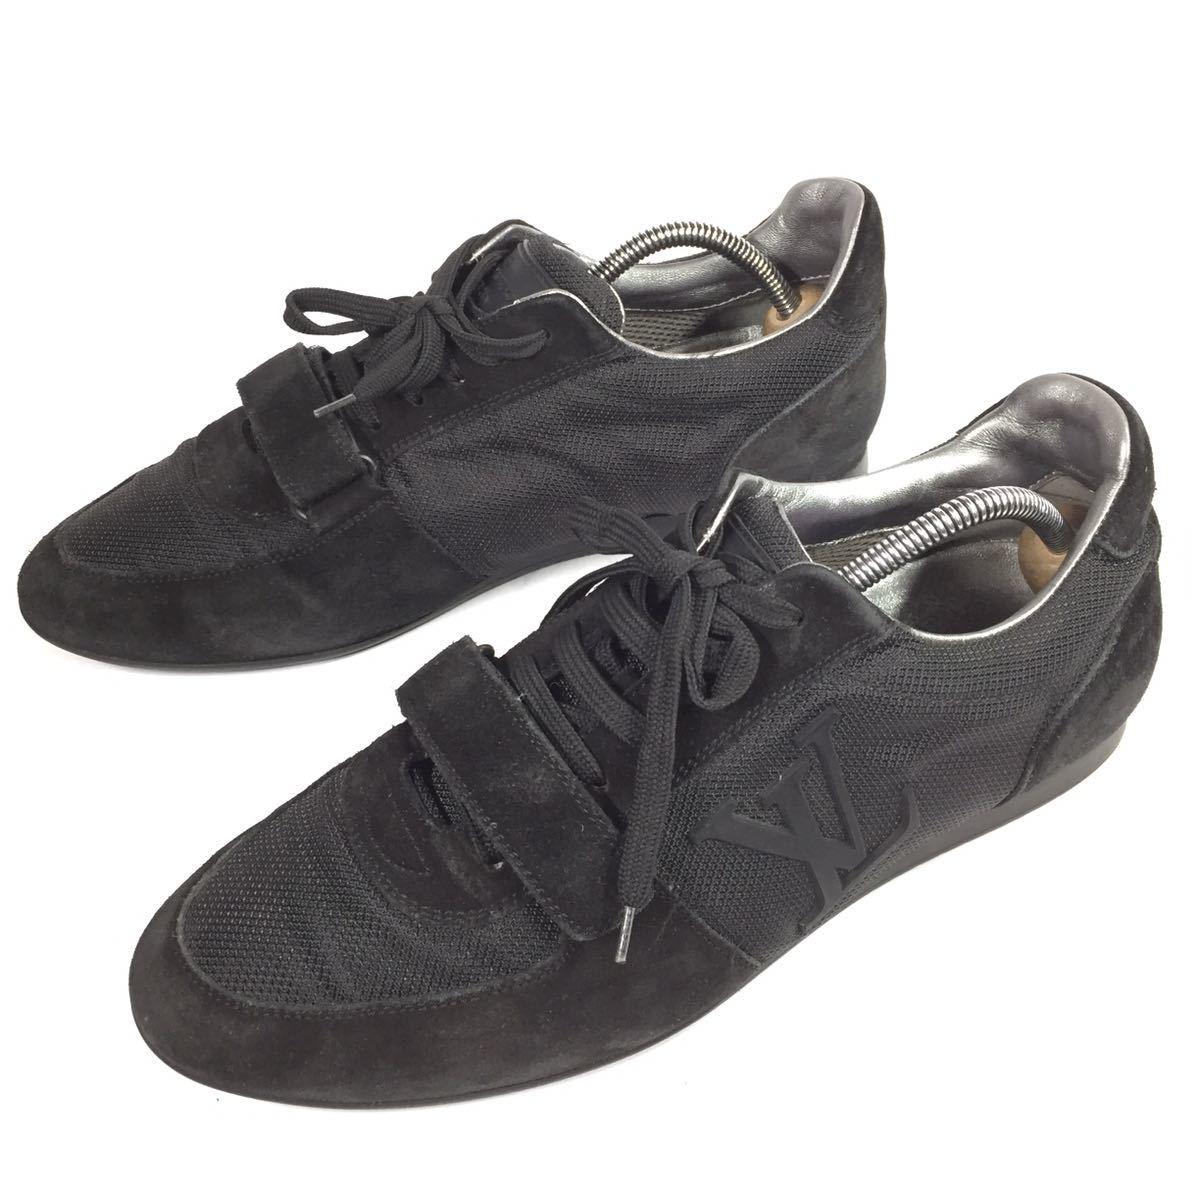 【ルイヴィトン】本物 LOUIS VUITTON 靴 26cm 黒色系 LVロゴ スニーカー カジュアルシューズ スエード 男性用 メンズ イタリア製 7_画像1